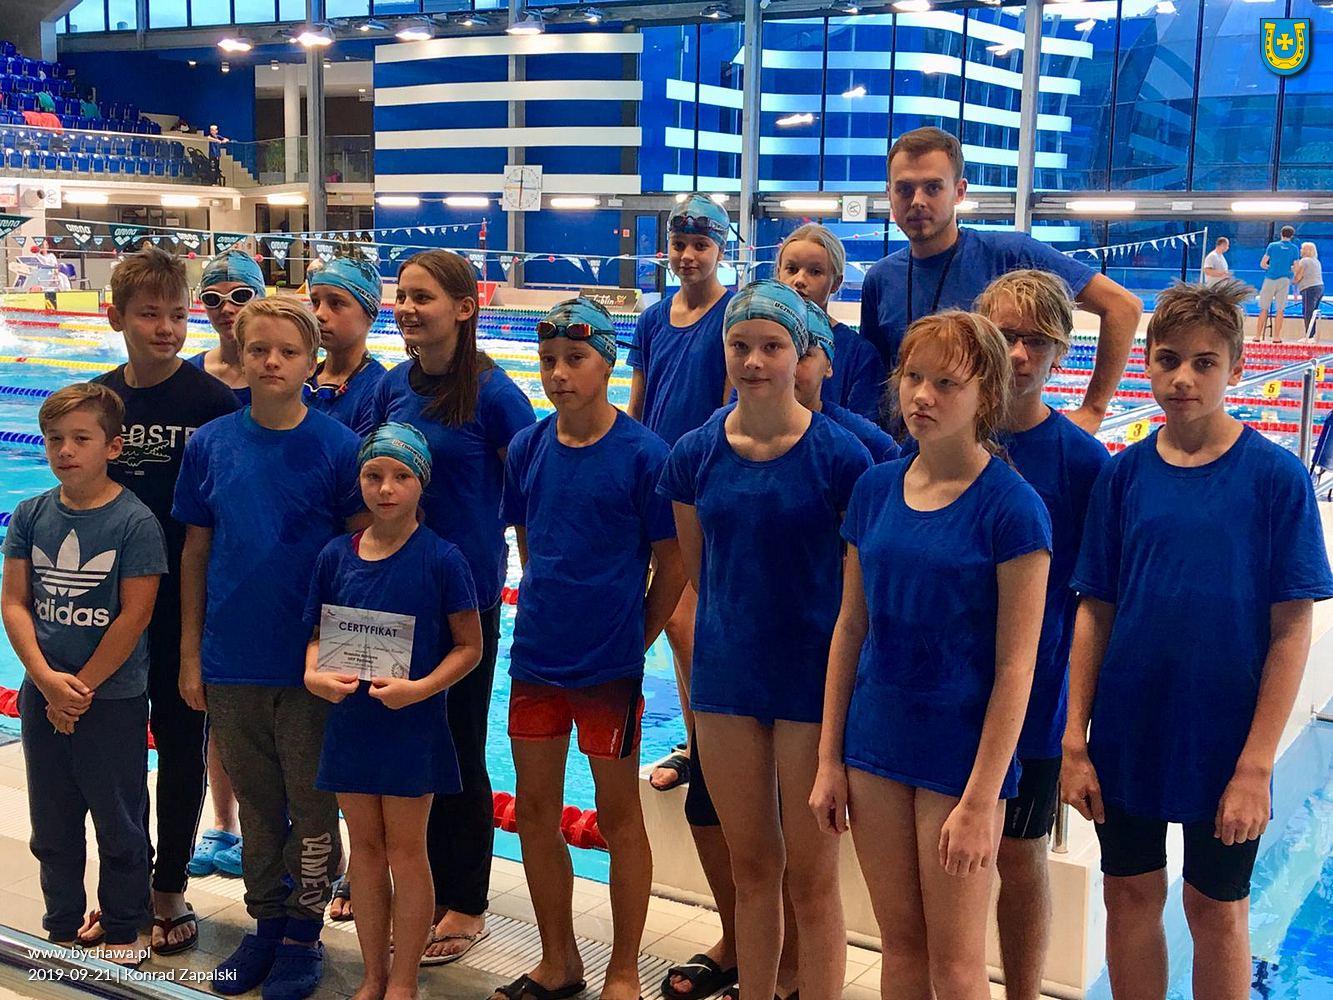 Zawodnicy z Uczniowskiego Klubu Pływackiego w Bychawie na kolejnych zawodach w Aqua Lublin – 21.09.2019